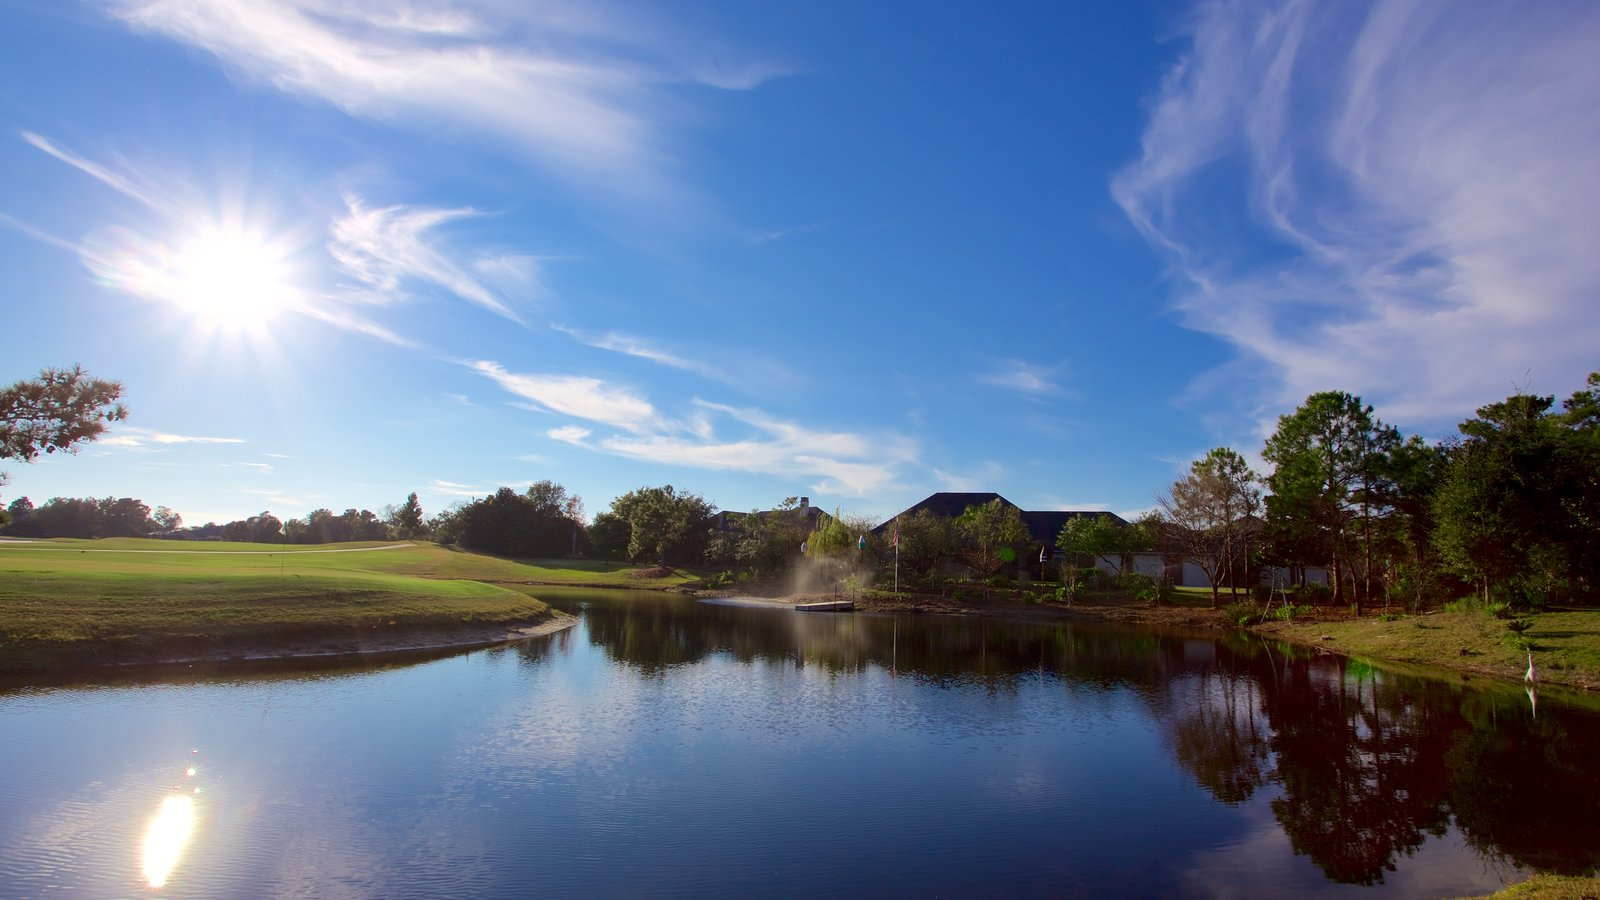 Upper Grand Lagoon caracterizando golfe e um lago